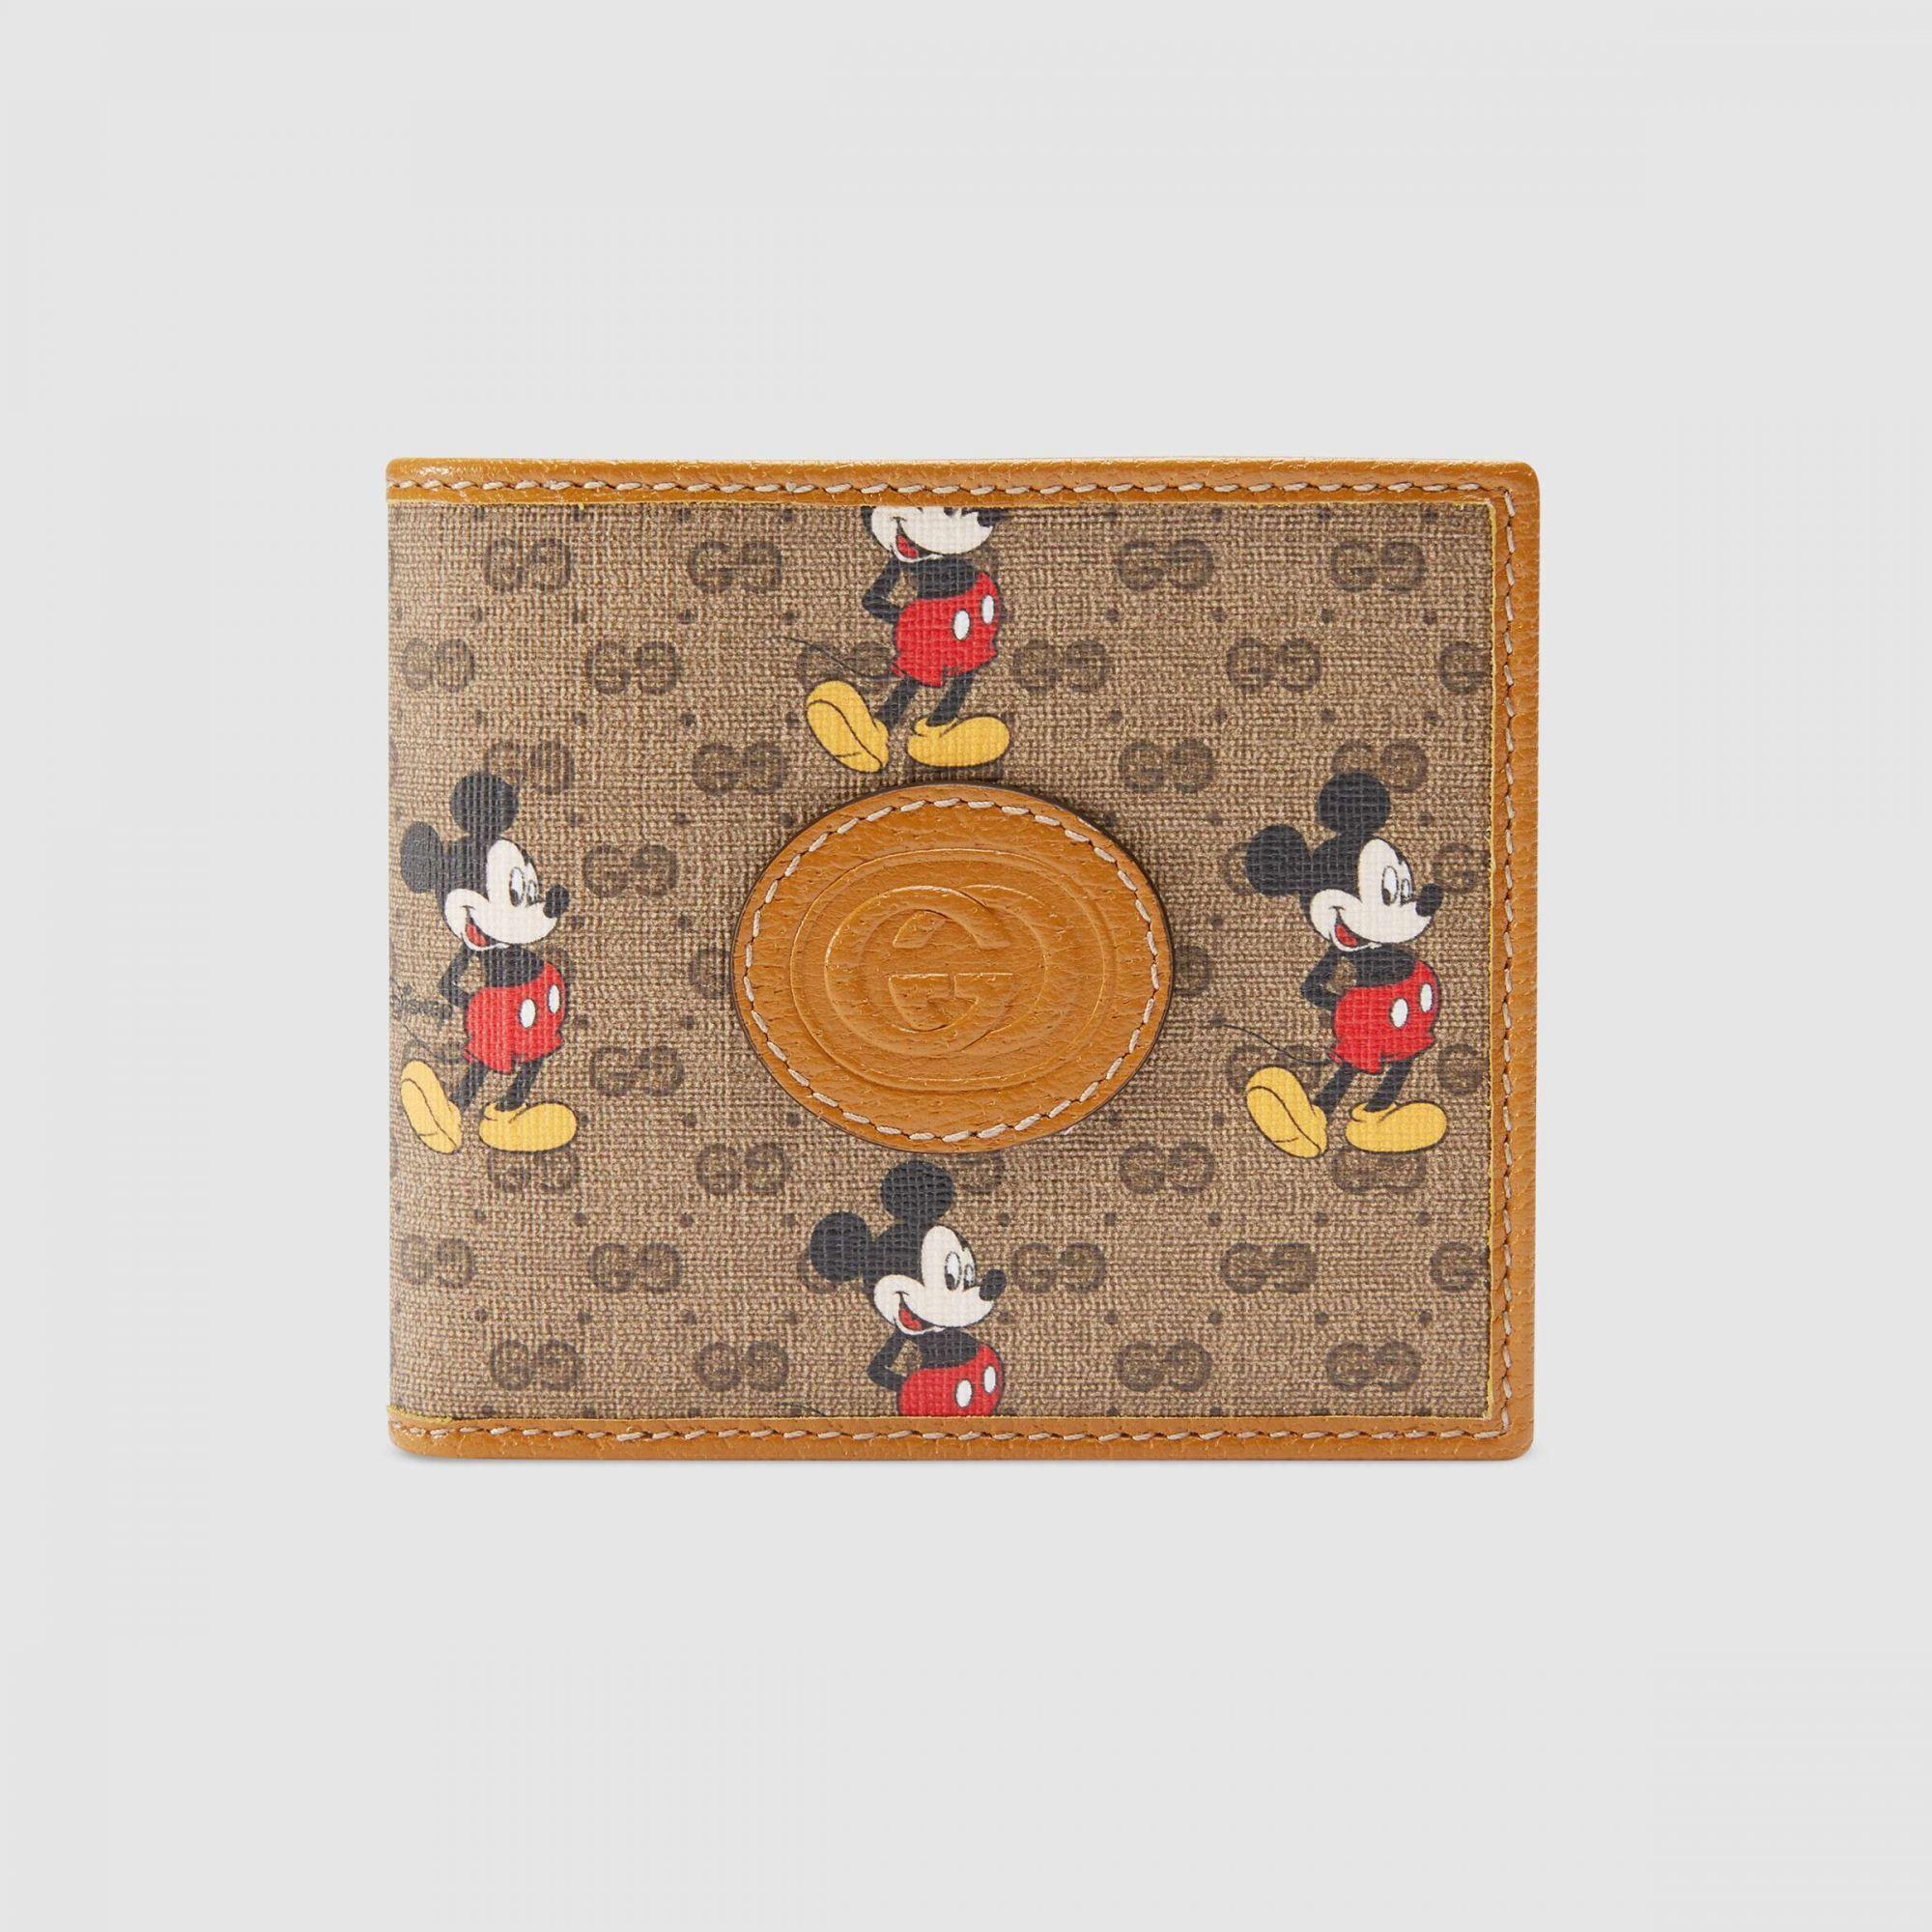 Portafoglio Gucci x Disney - Neomag.